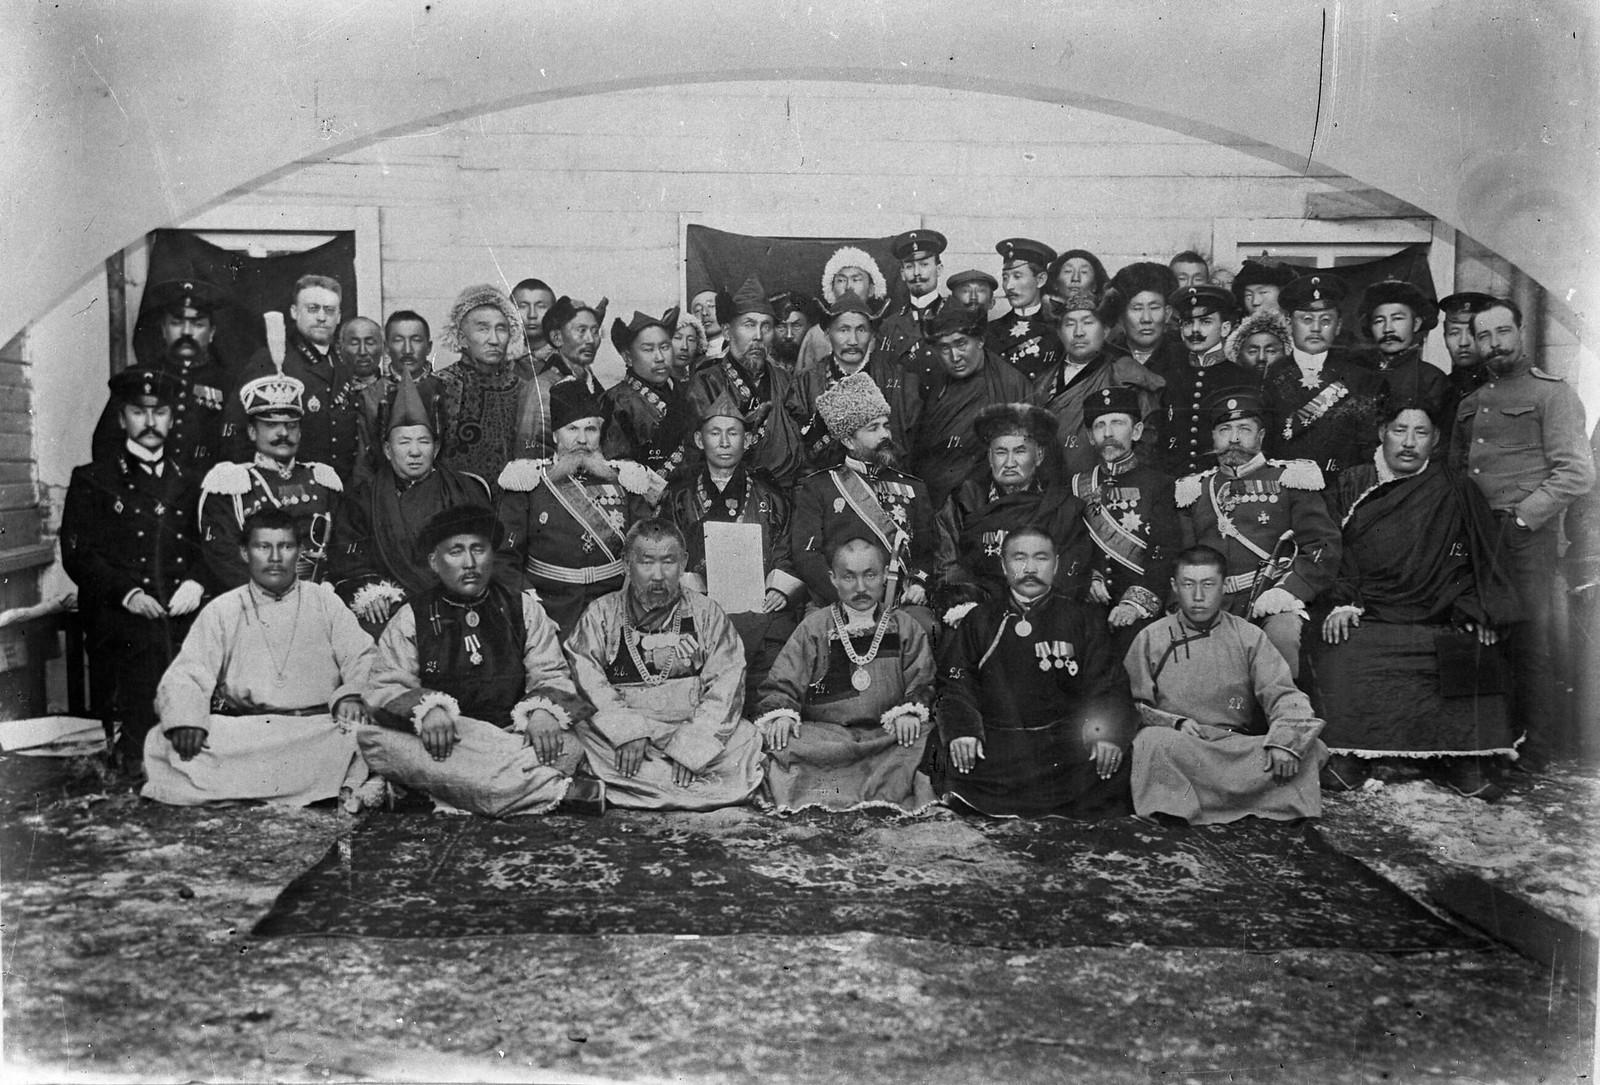 02. 1910-е. Местные бурятские лидеры с офицерами русской армии, Иркутск